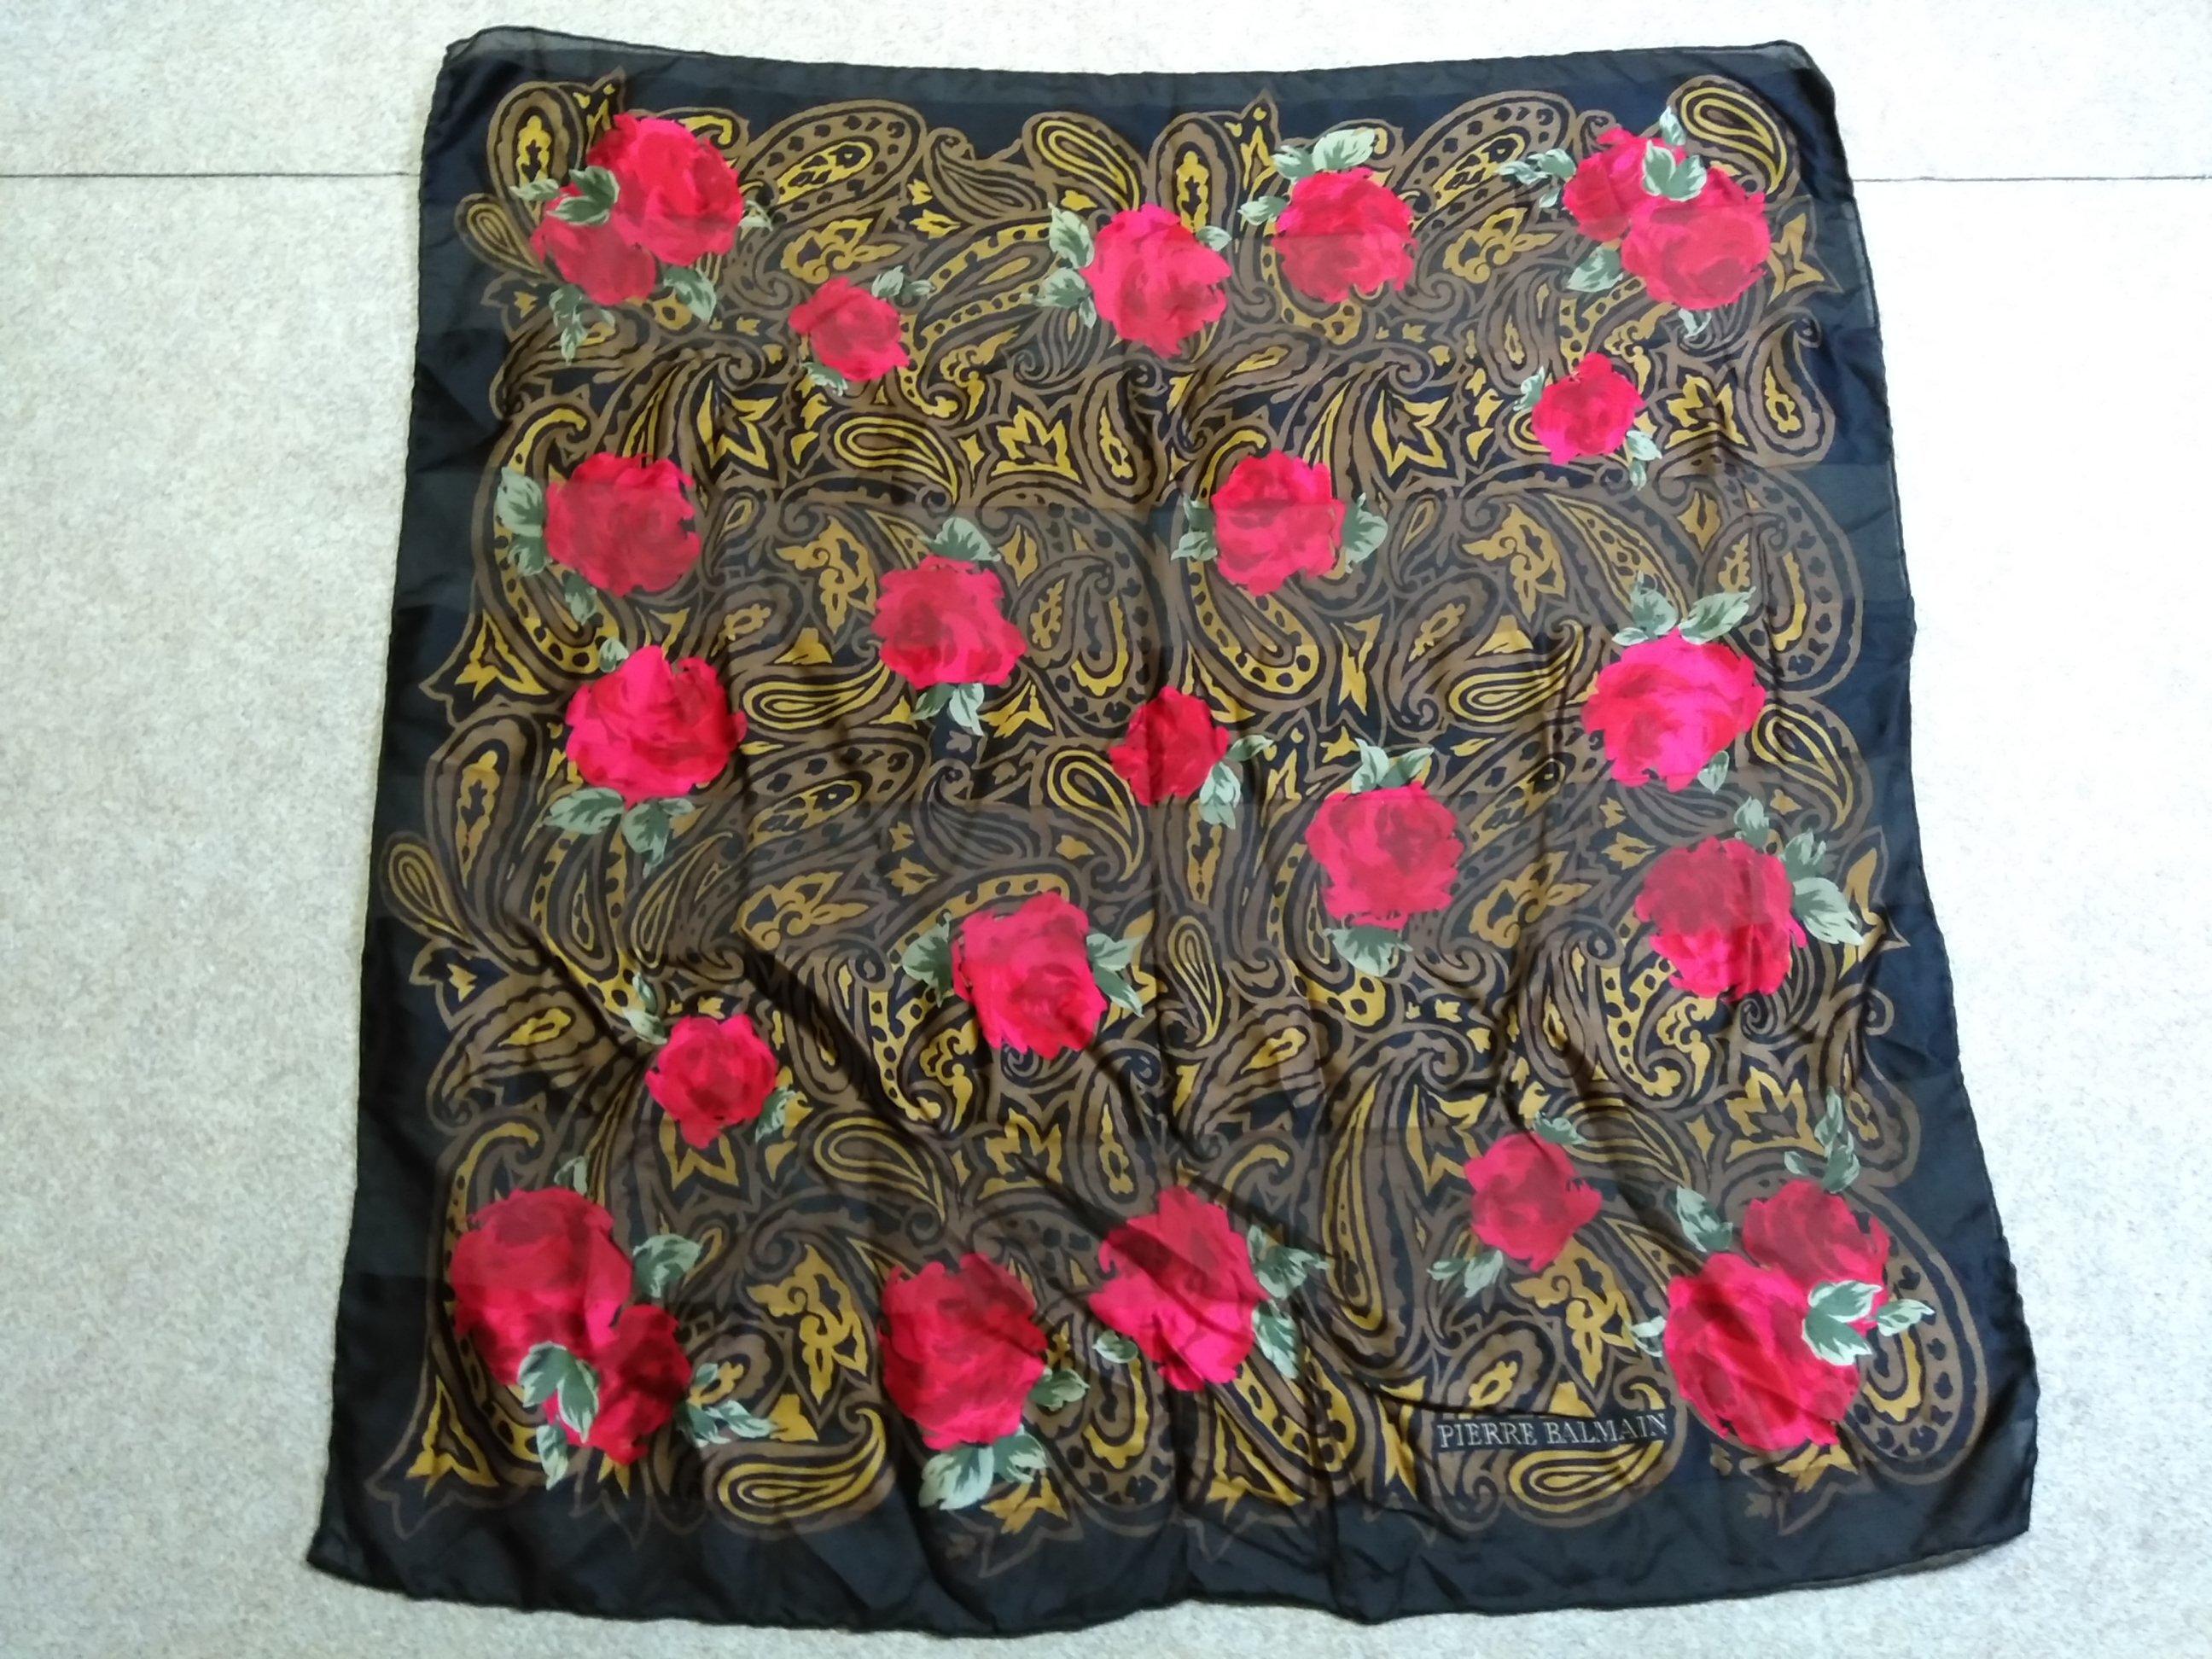 ピエール バルマン シルク 絹 スカーフ バラ 黒 u1126a